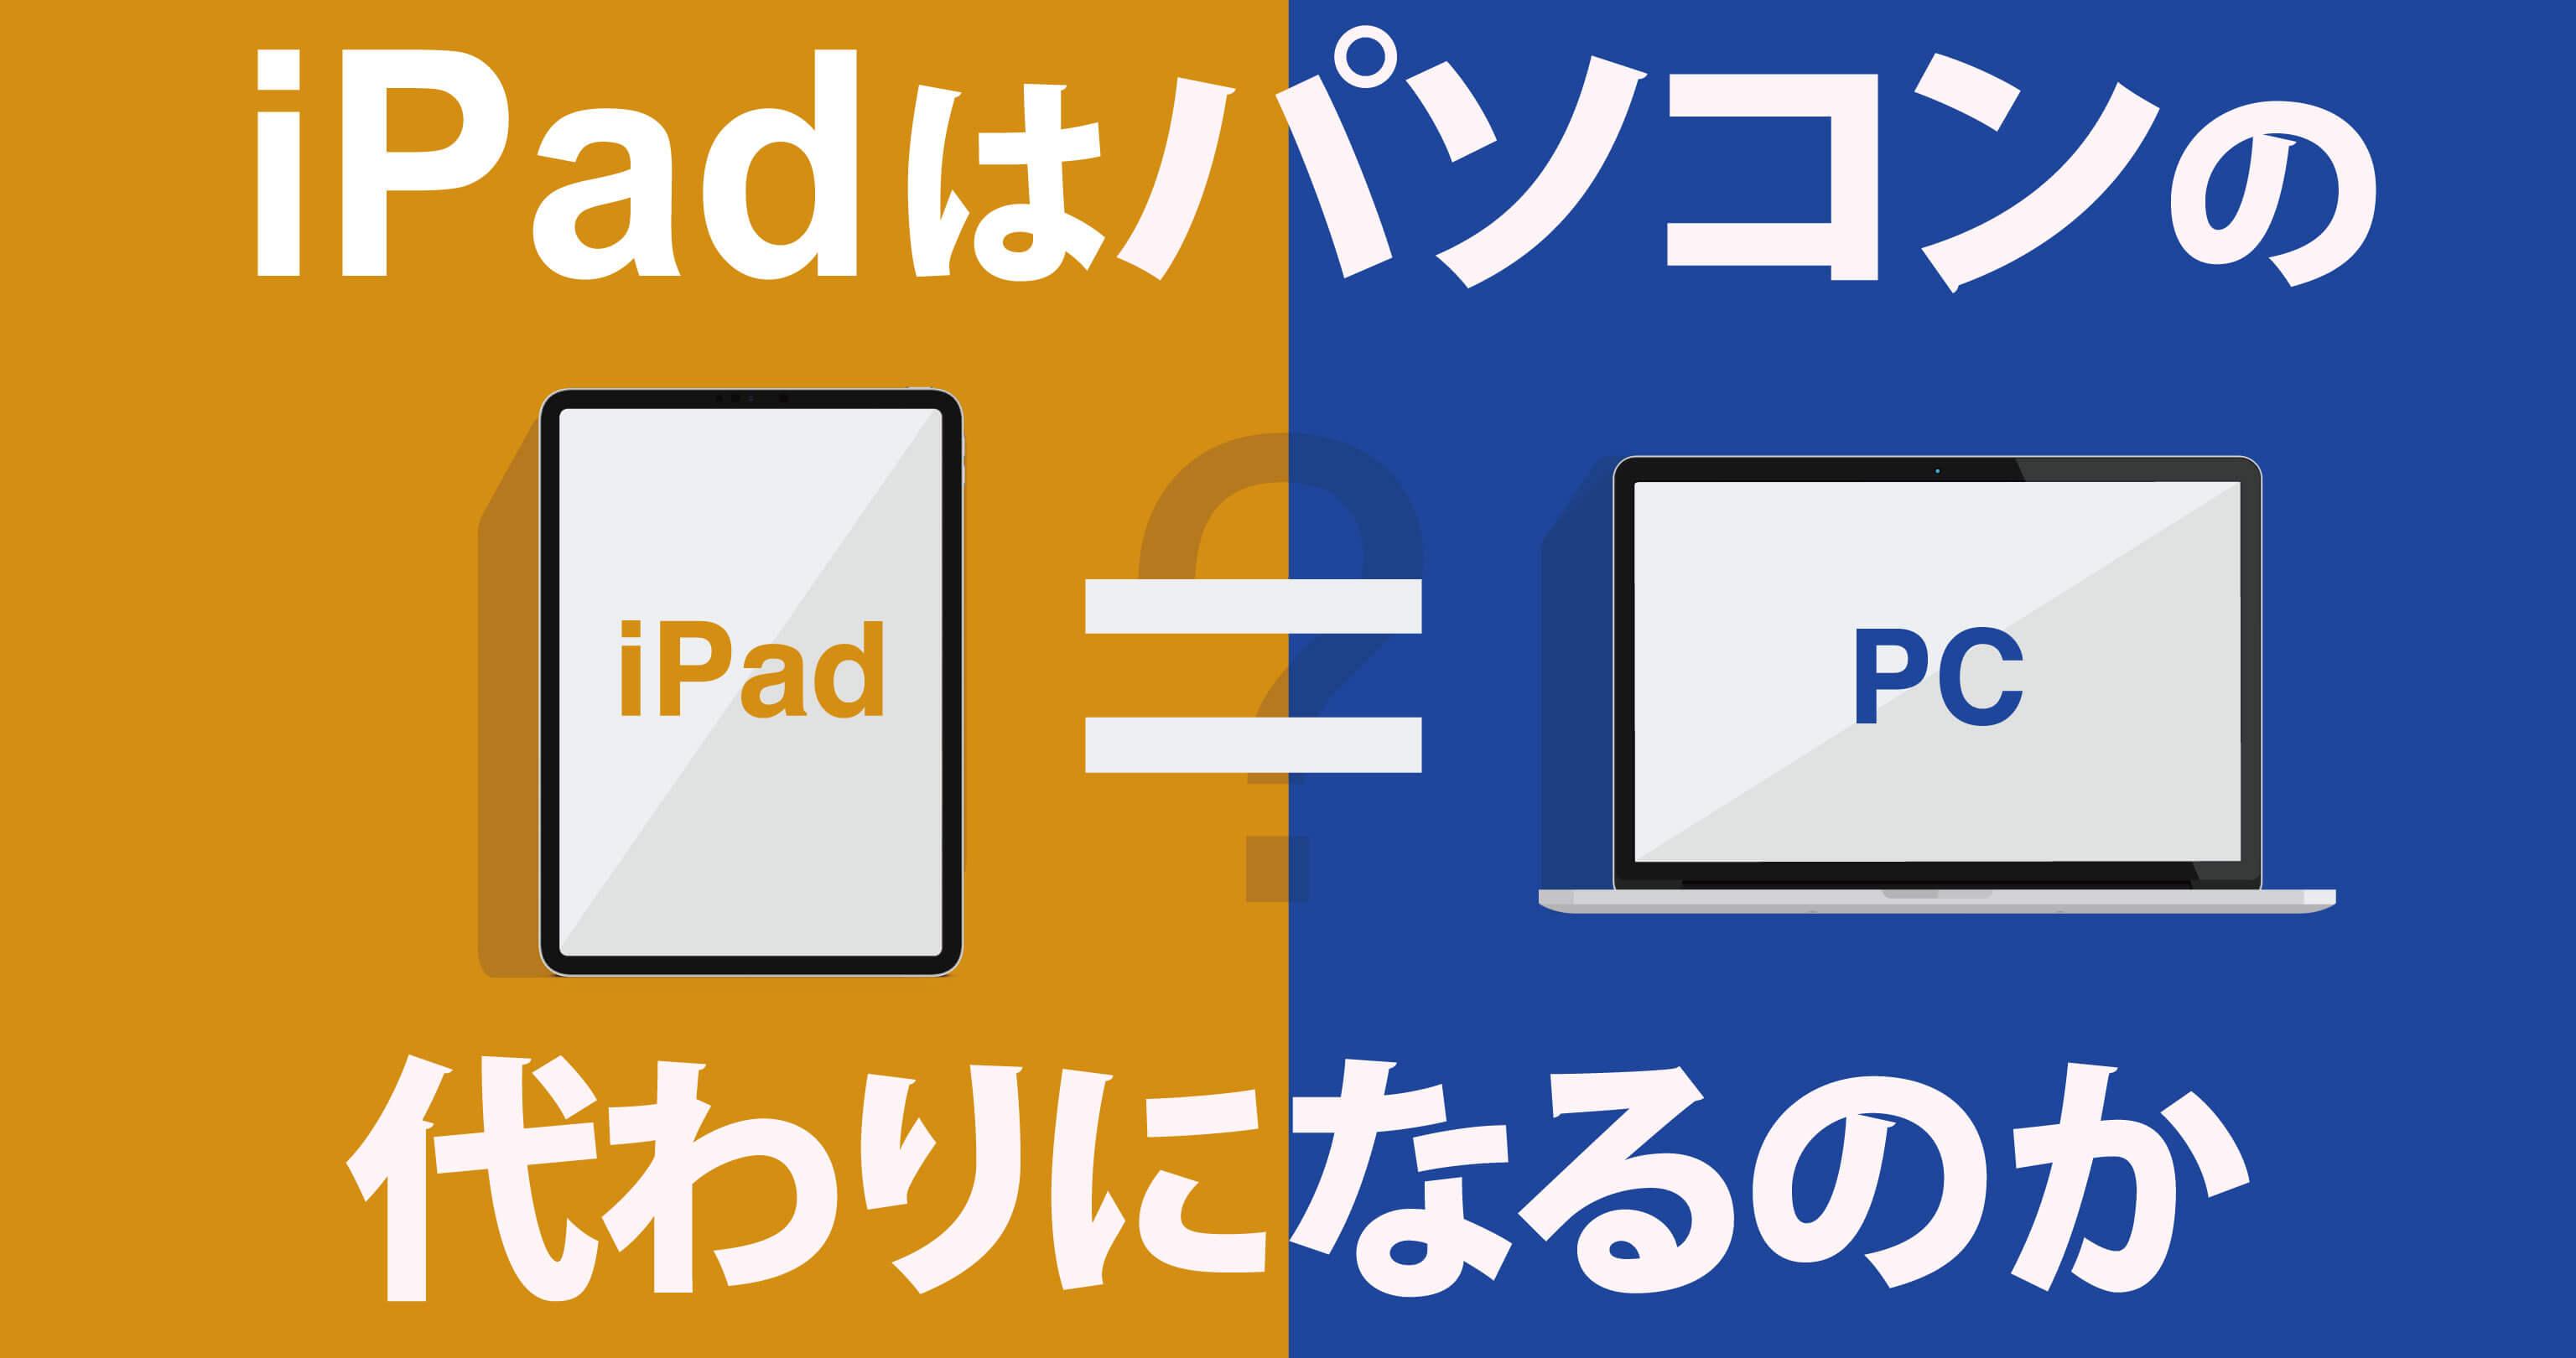 iPadOSを搭載したiPadはパソコンの代わりになるのか?iPadよりもパソコンを買うべき人も紹介